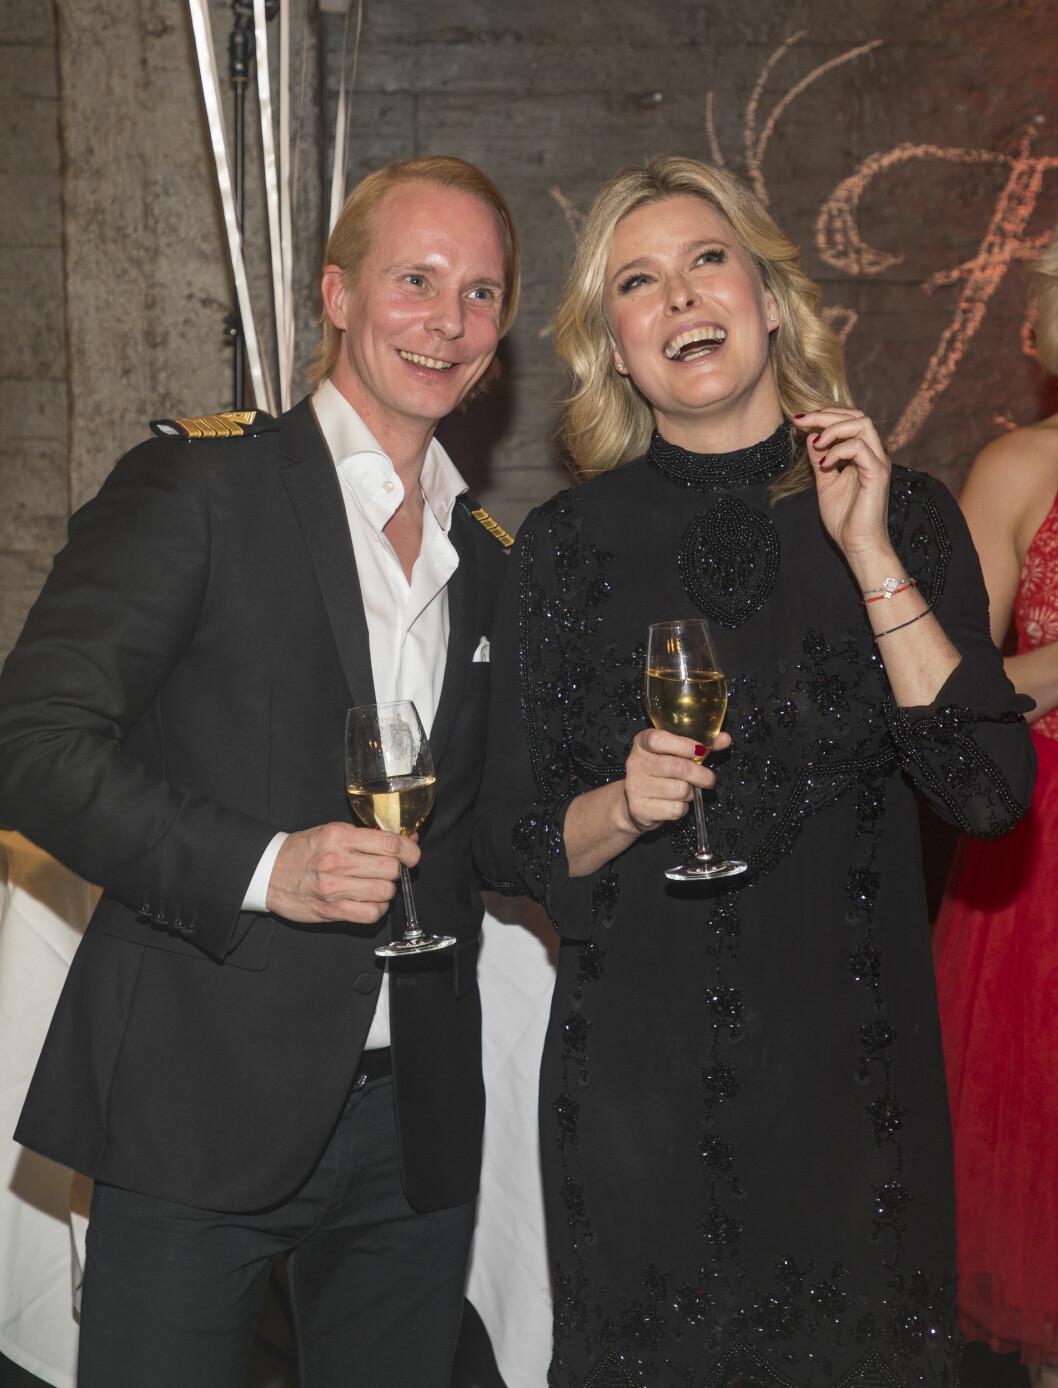 FINALEFESTEN:  Petter Pilgaard og Vendela Kirsebom under finalefesten for Farmen Kjendis 2017. Foto: Tor Lindseth for Se og Hør